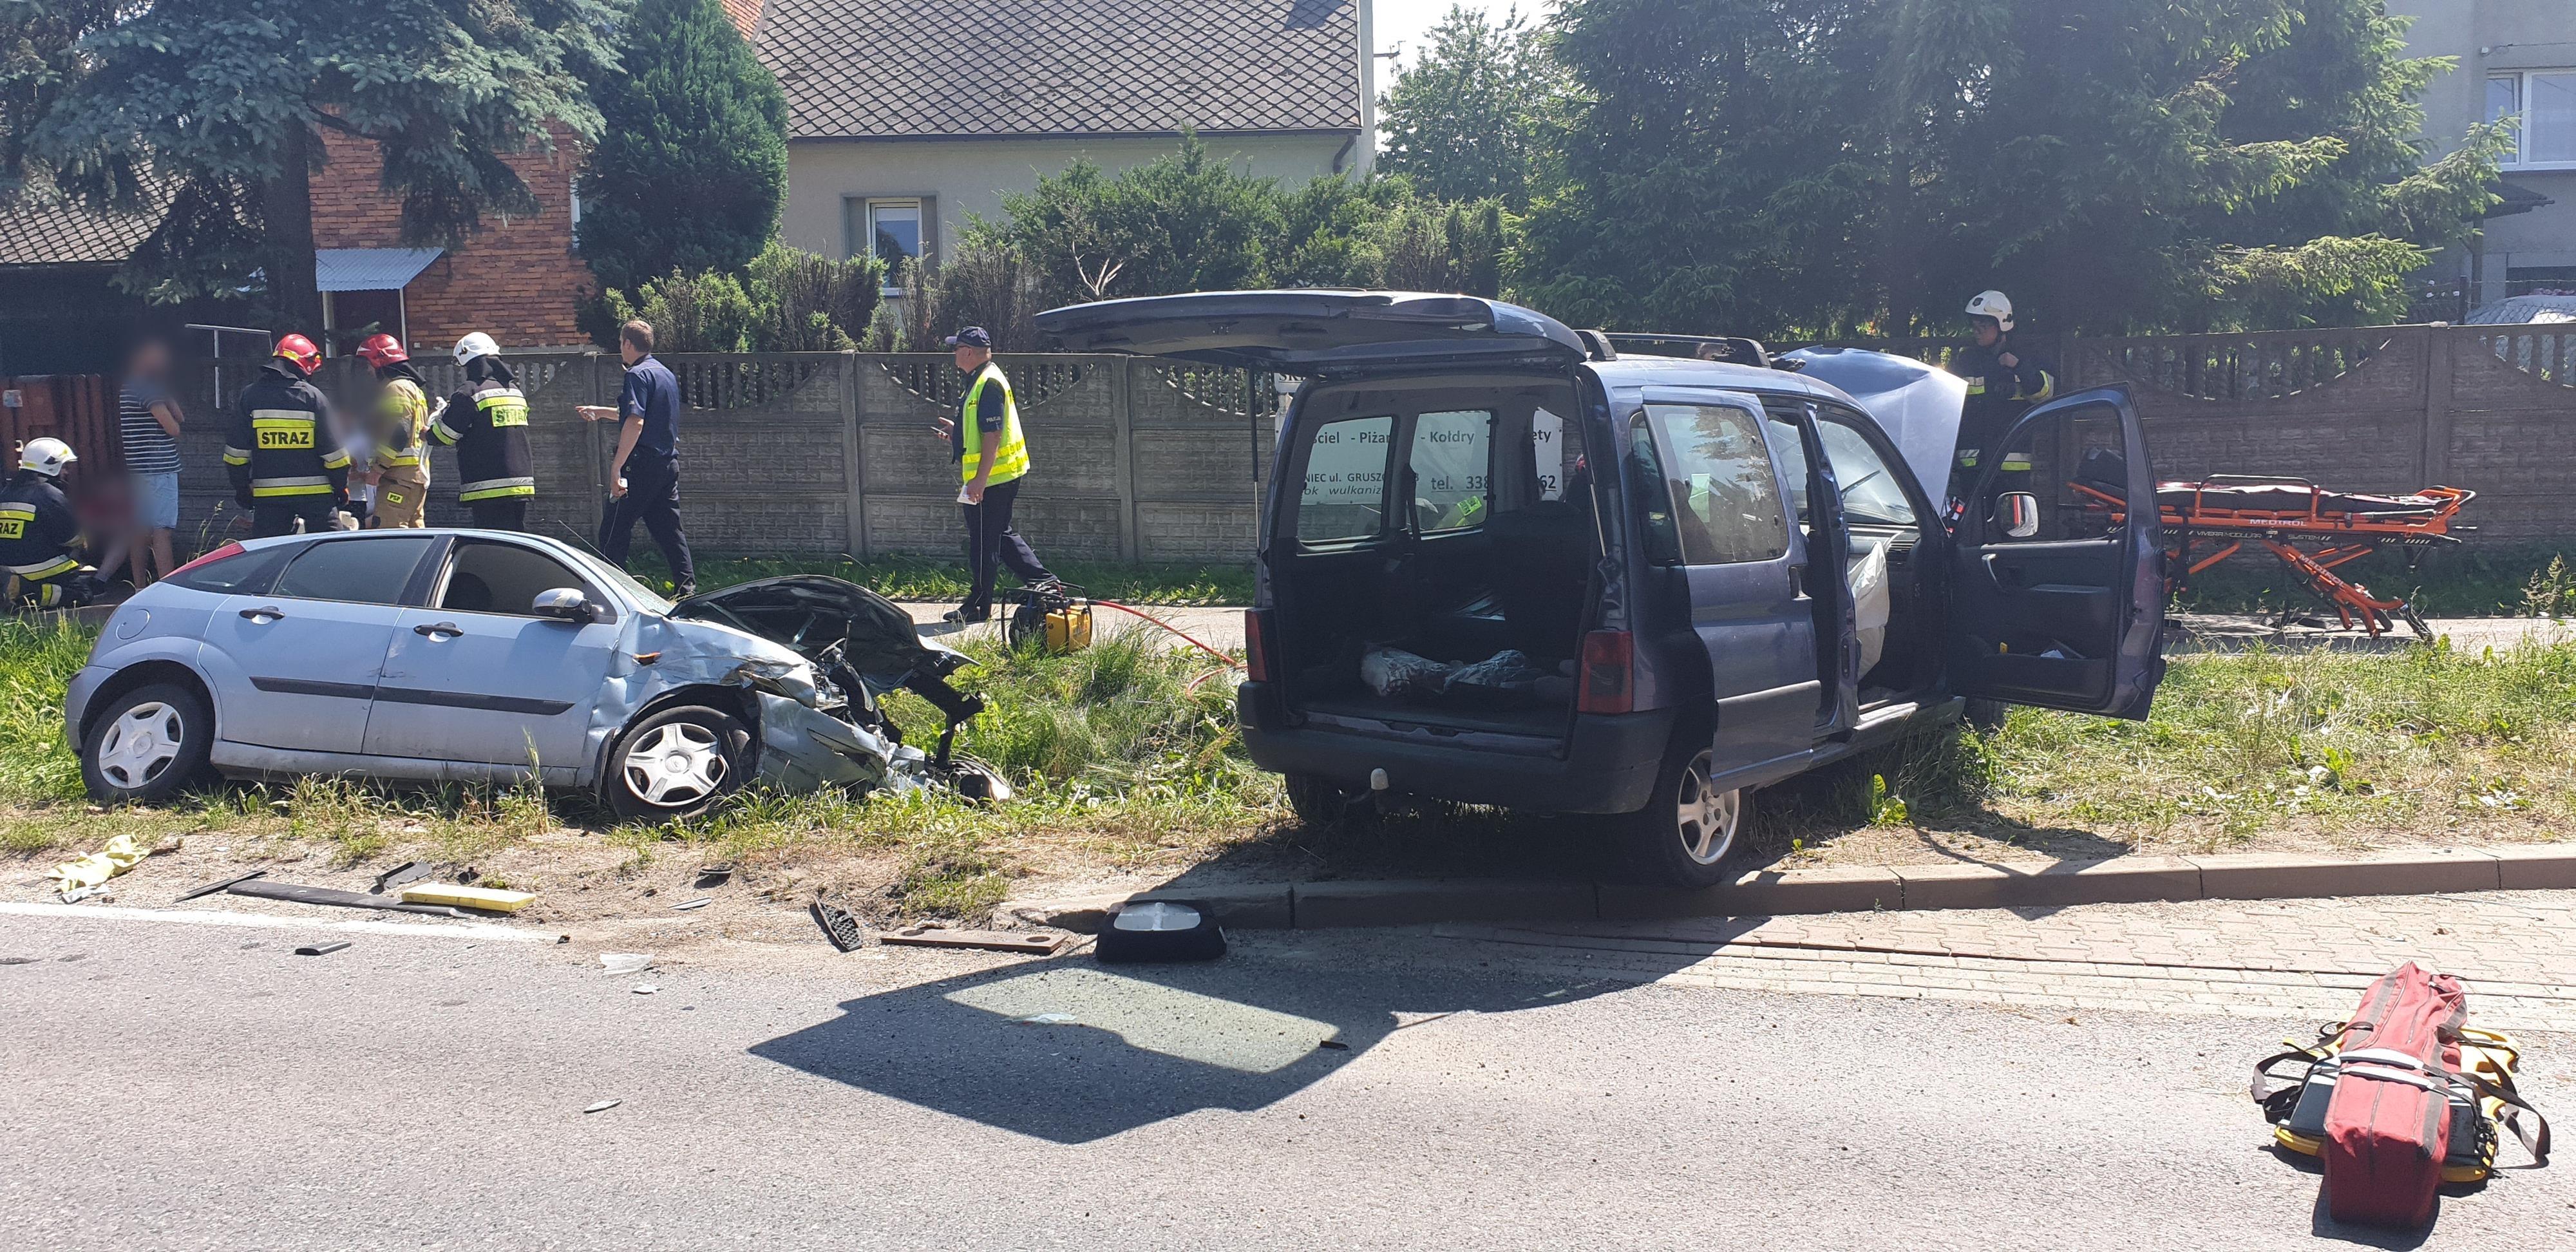 Kolejny dramatyczny wypadek na drodze krajowej w Bulowicach [FOTO] [AKTUALIZACJA]